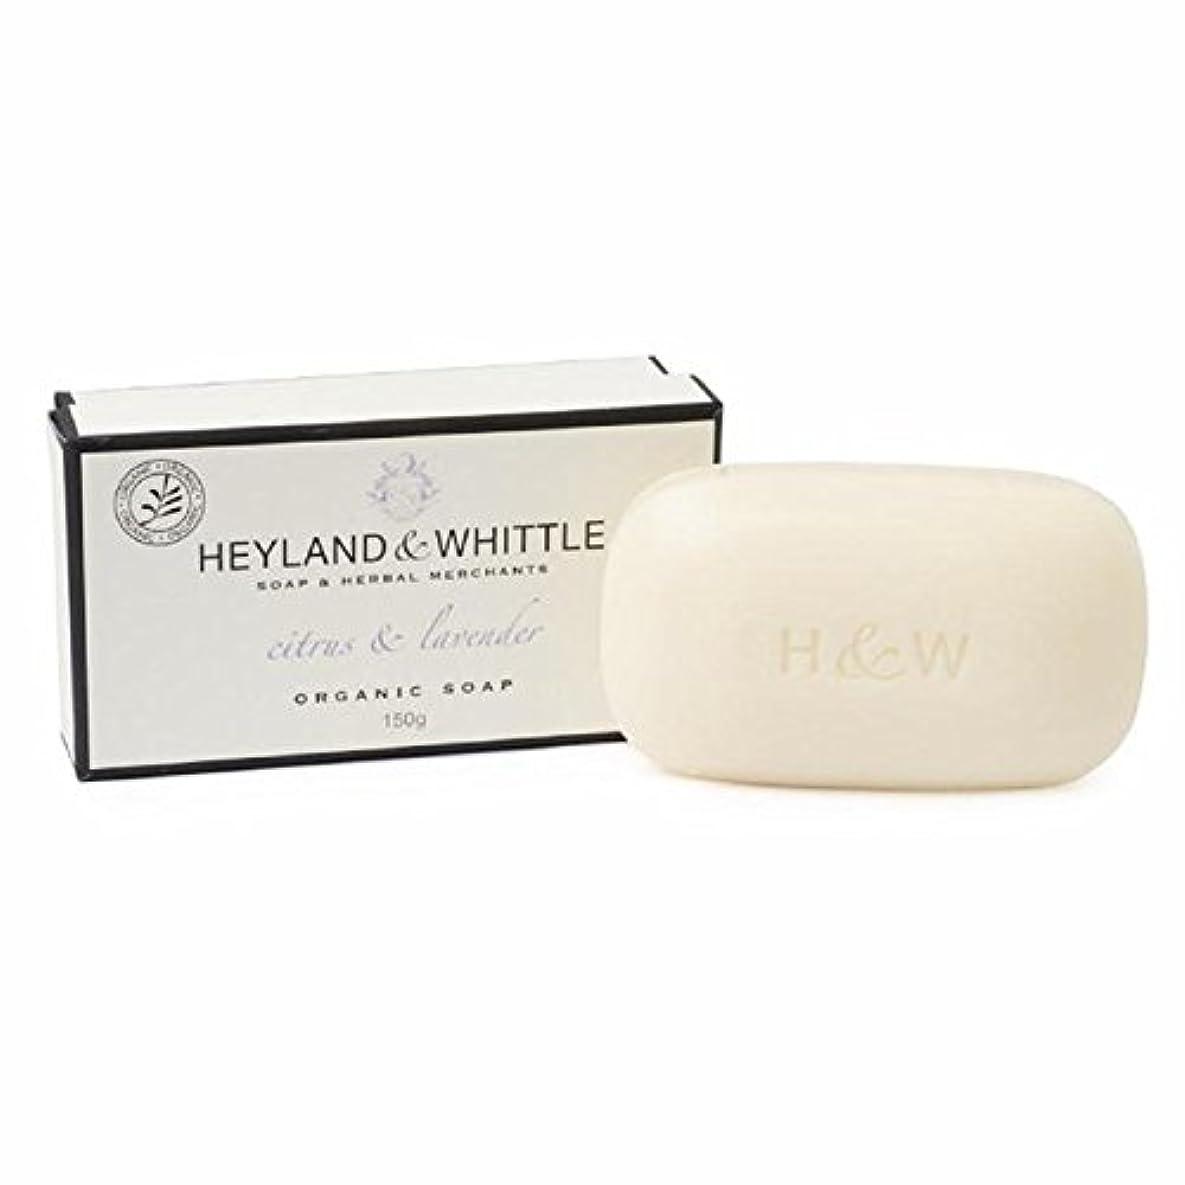 騒乱ビルダーサドル&削るシトラス&ラベンダーは、有機石鹸150グラム箱入り x2 - Heyland & Whittle Citrus & Lavender Boxed Organic Soap 150g (Pack of 2) [並行輸入品]